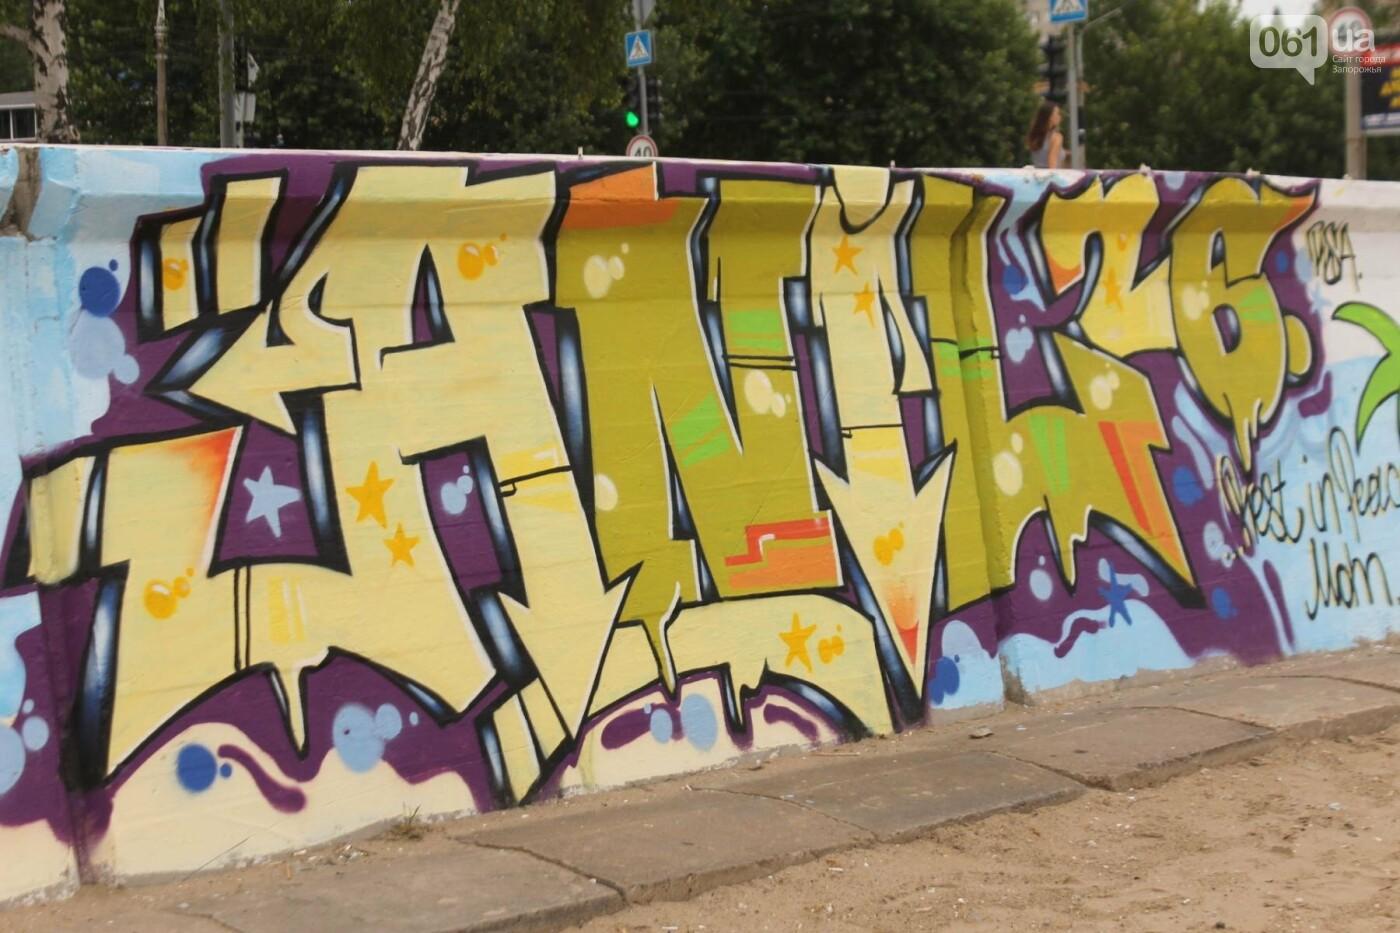 В Запорожье на пляже закончился фестиваль граффити: разрисовали 150 метров бетонной стены, – ФОТОРЕПОРТАЖ, фото-41